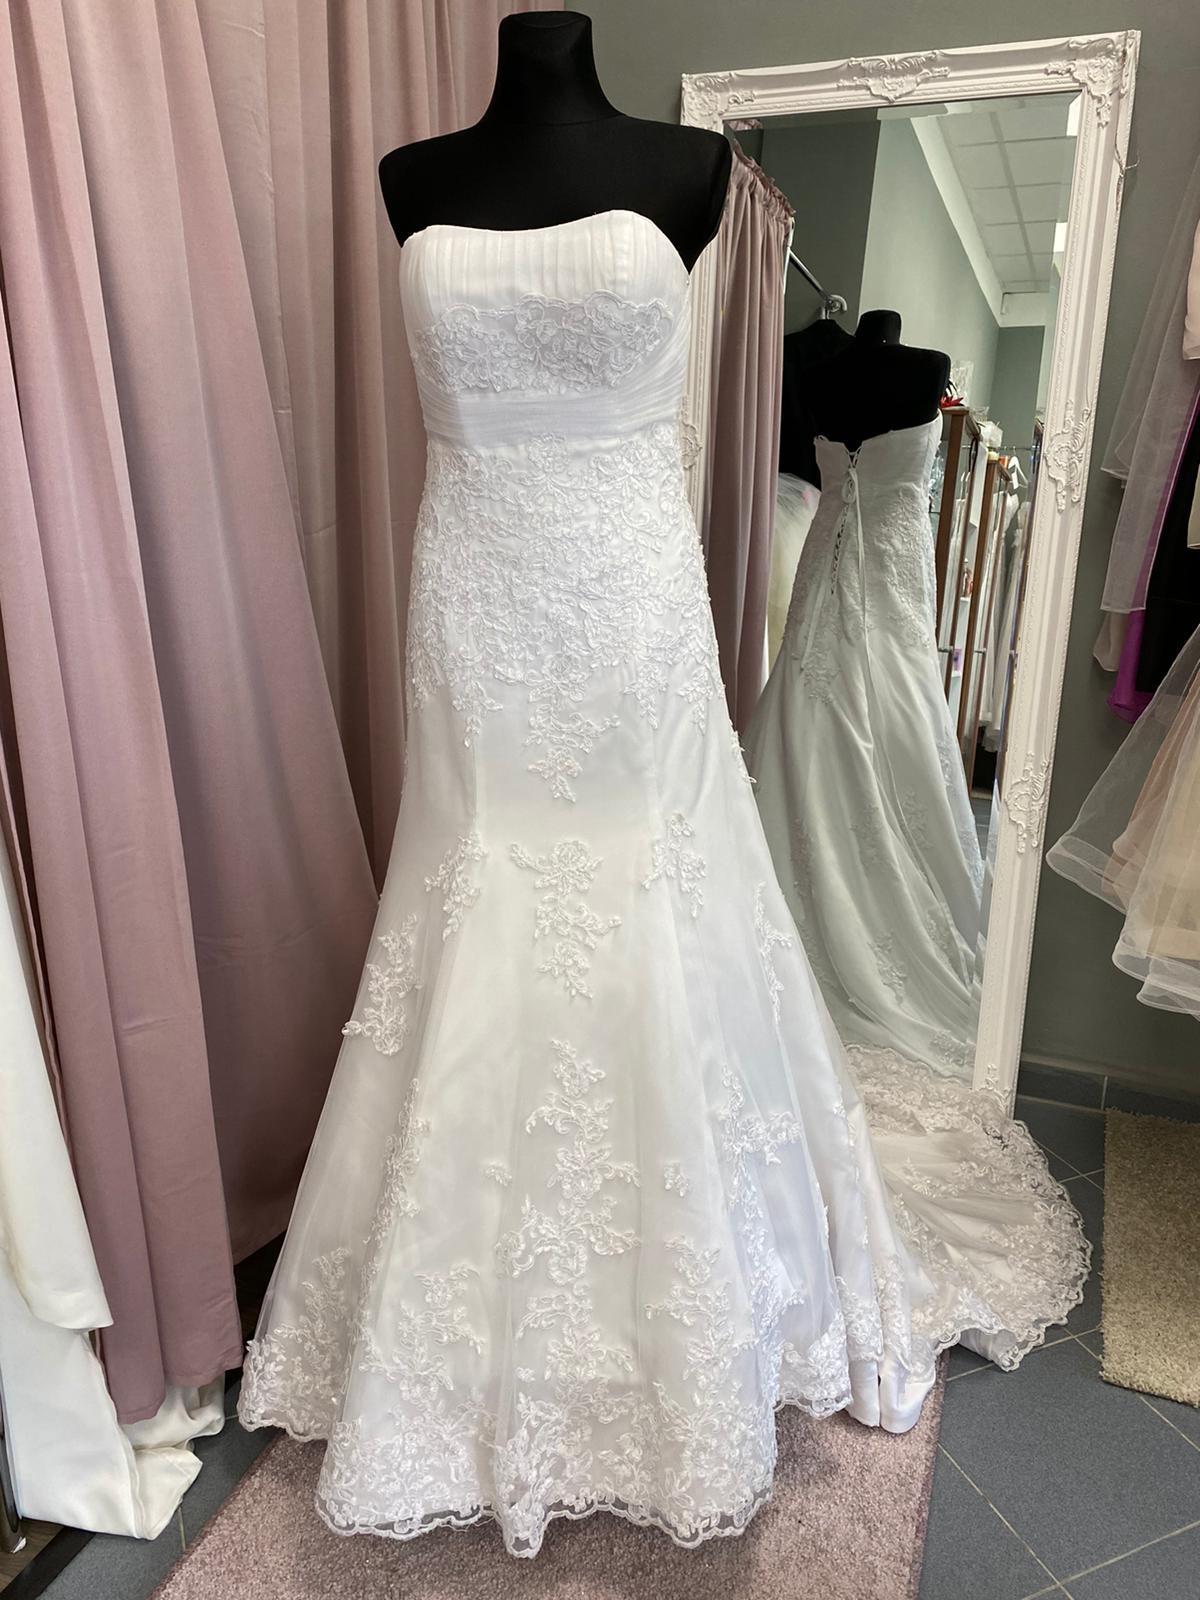 Biele krajkové šaty - Obrázok č. 1